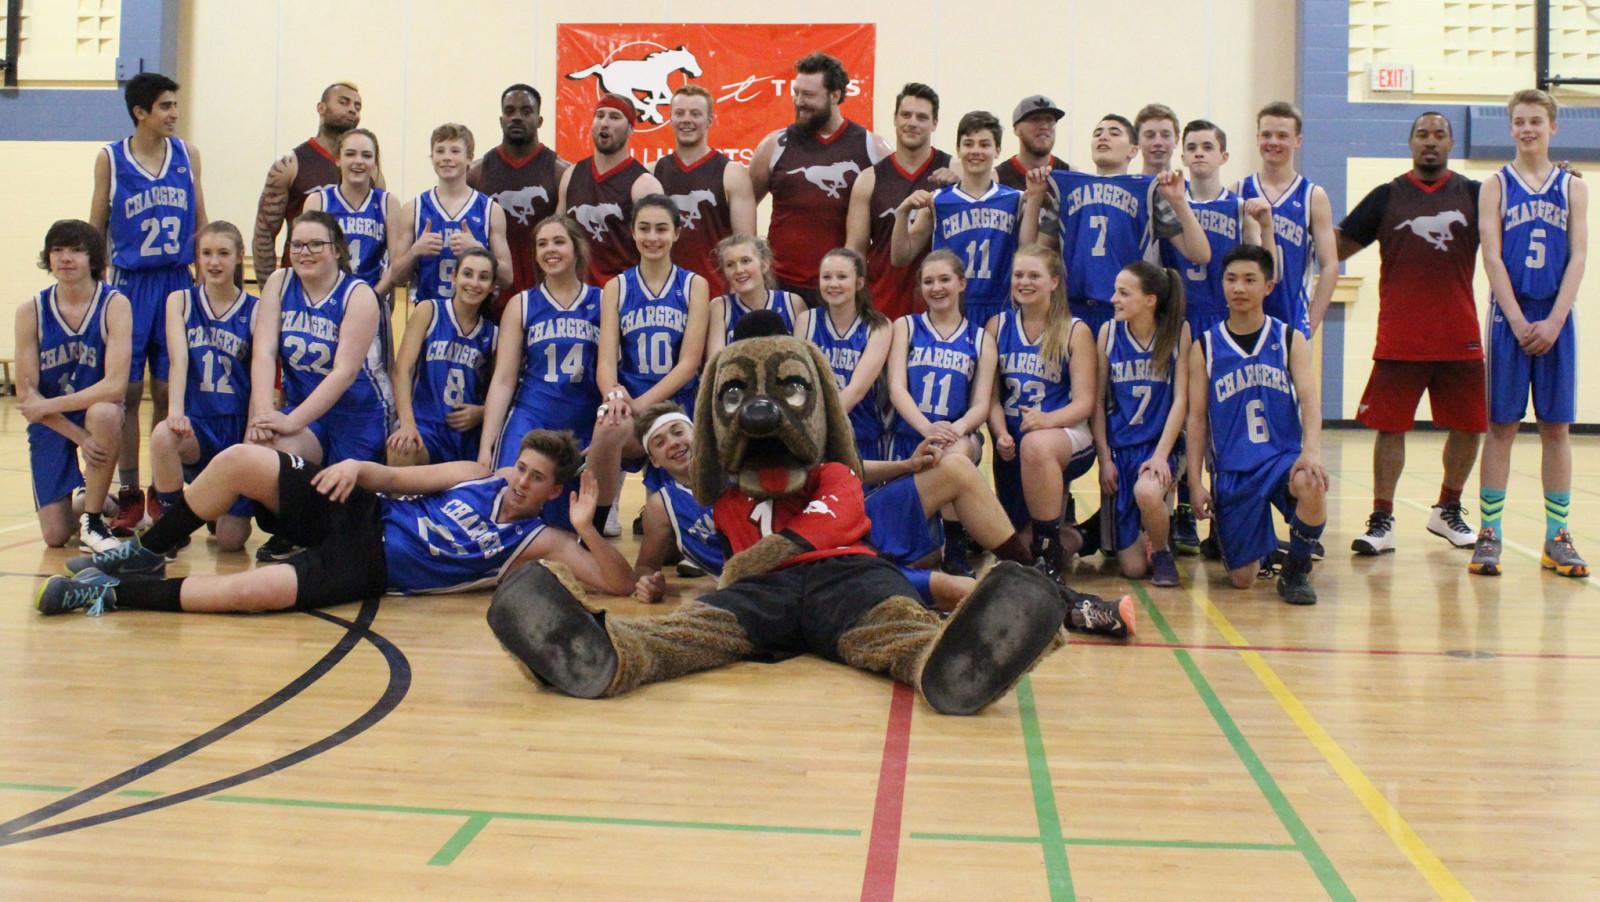 Hoops Team Victorious At Valley Creek Calgary Stampeders